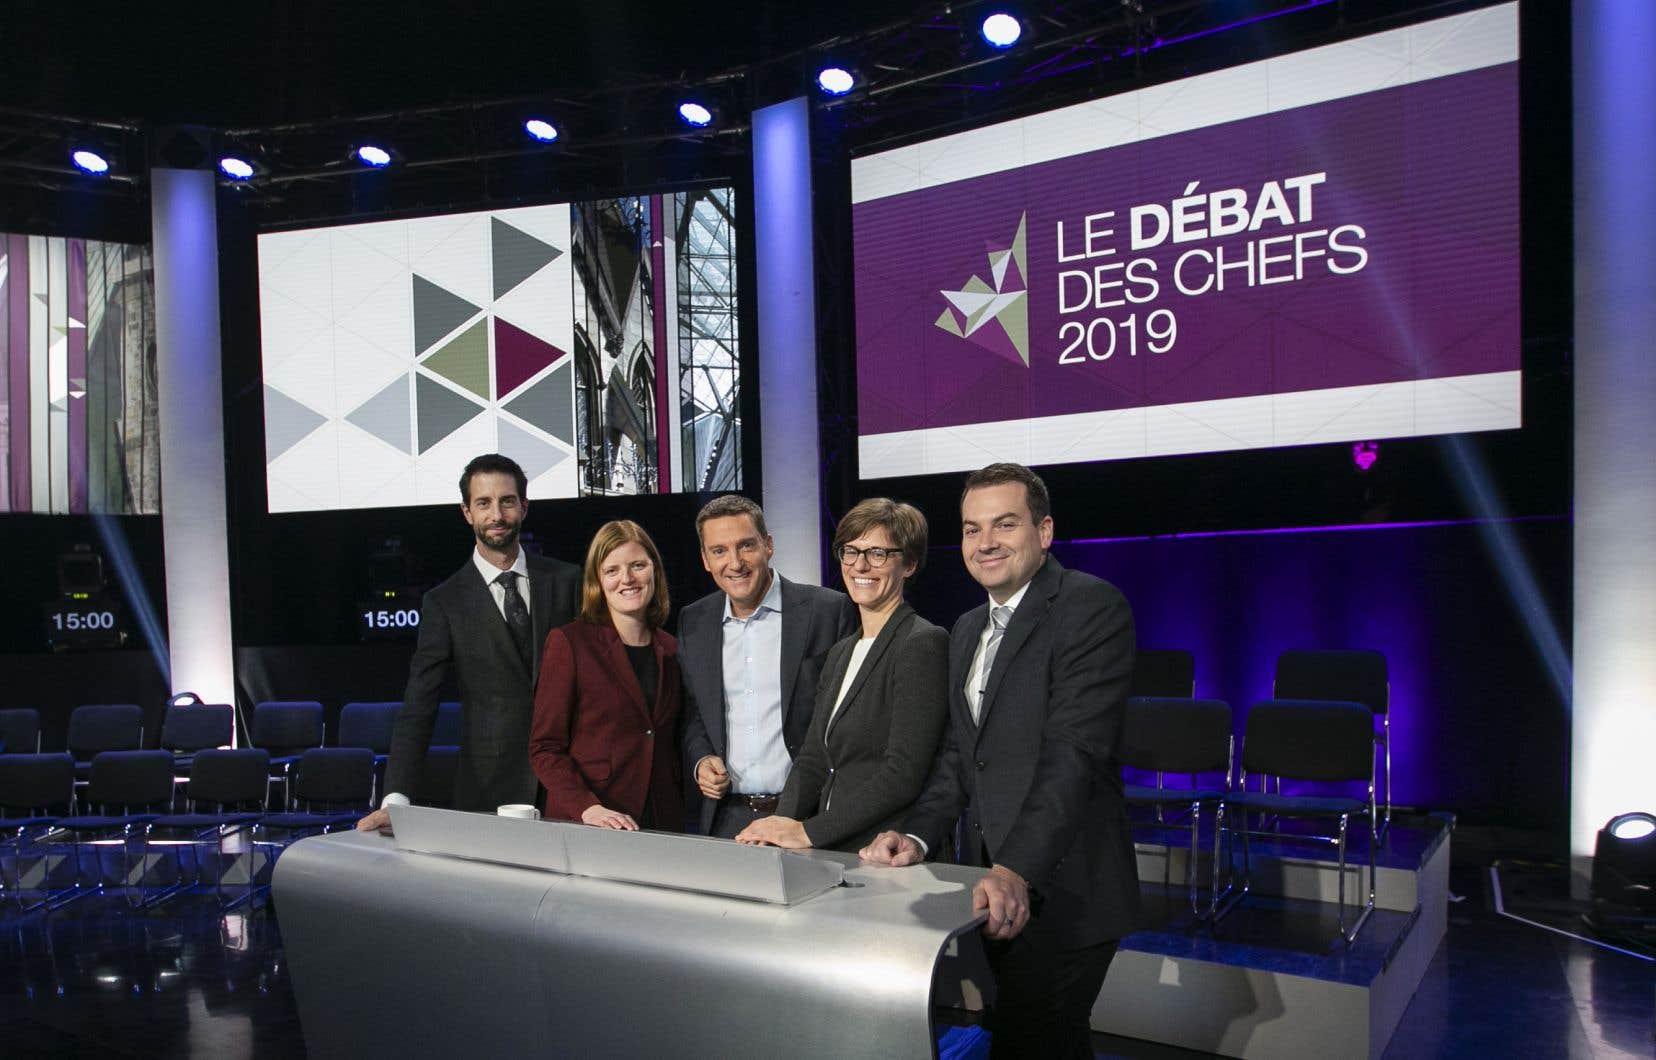 Préparation du débat des chefs qui aura lieu demain, jeudi le 10 octobre 2019. Le débat des chefs sera enregistré devant public au Musée canadien de l'Histoire à Gatineau.